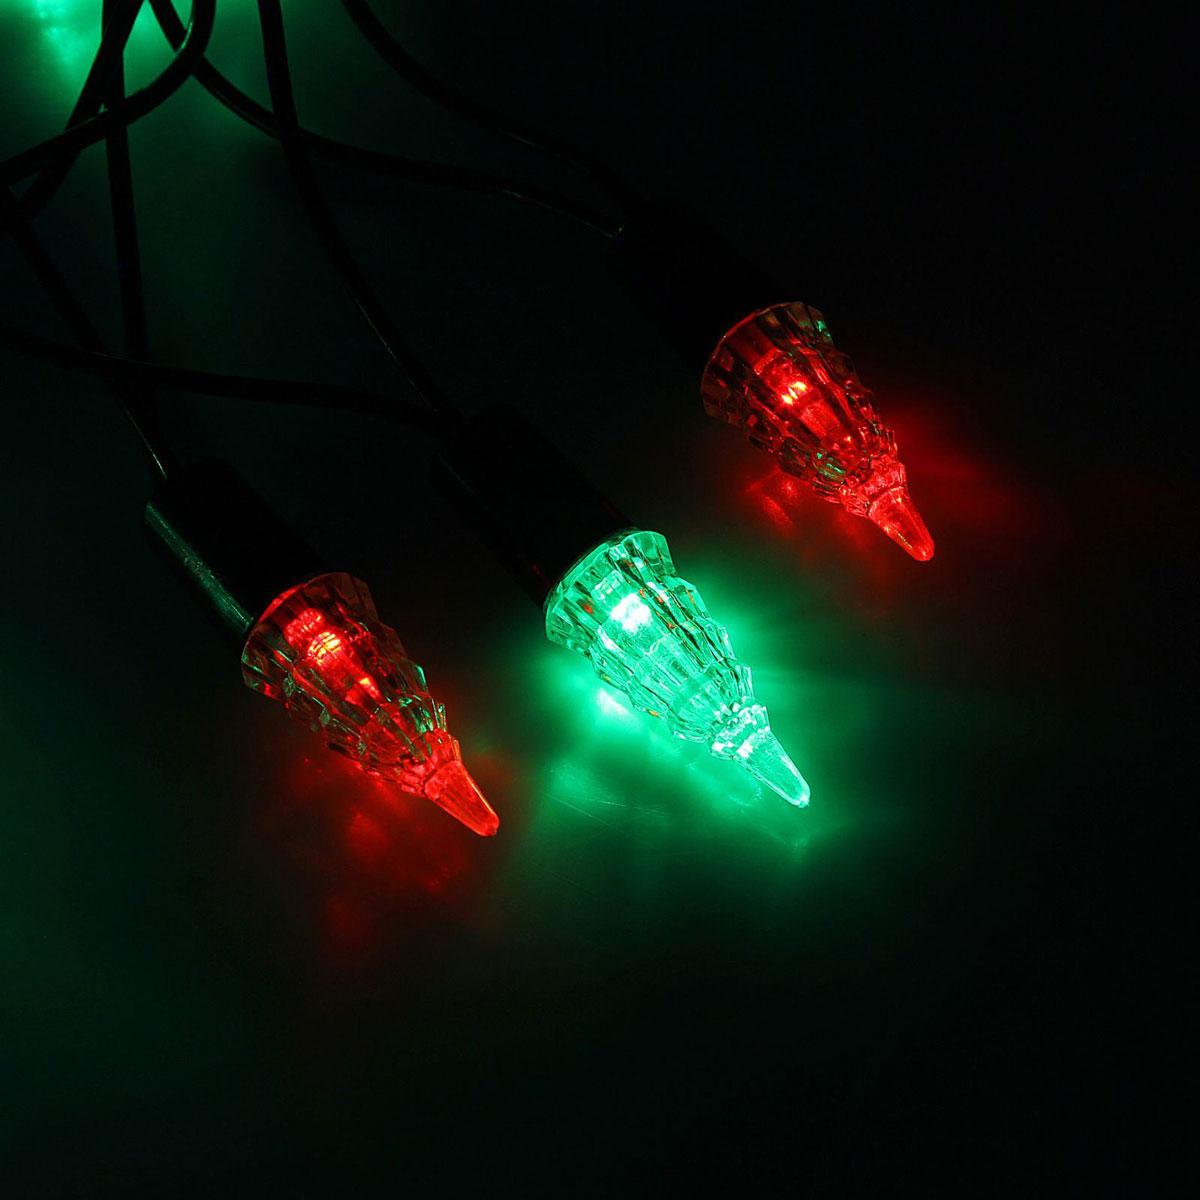 Гирлянда светодиодная Luazon Метраж. Конус, уличная с насадкой, моргает, 40 ламп, 220 V, 5 м, цвет: мультиколор. 10800531080076Светодиодные гирлянды, ленты и т.д. — это отличный вариант для новогоднего оформления интерьера или фасада. С их помощью помещение любого размера можно превратить в праздничный зал, а внешние элементы зданий, украшенные ими, мгновенно станут напоминать очертания сказочного дворца. Такие украшения создают ауру предвкушения чуда. Деревья, фасады, витрины, окна и арки будто специально созданы, чтобы вы украсили их светящимися нитями.